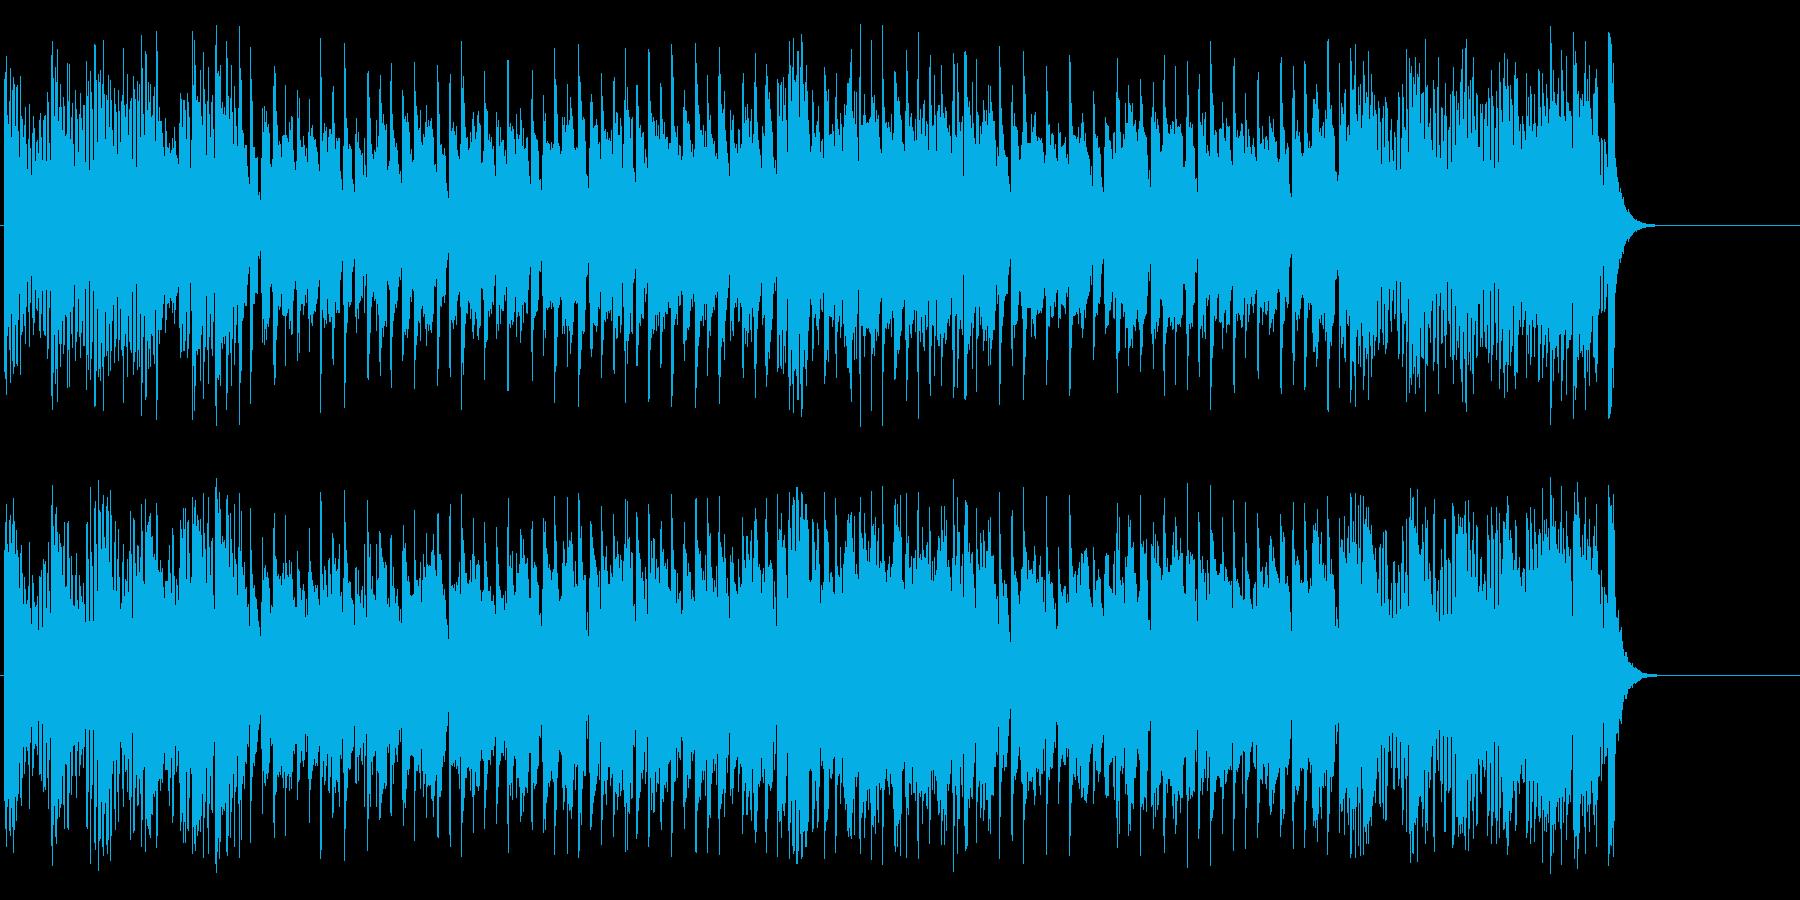 期待が弾むファンファーレ風ポップの再生済みの波形